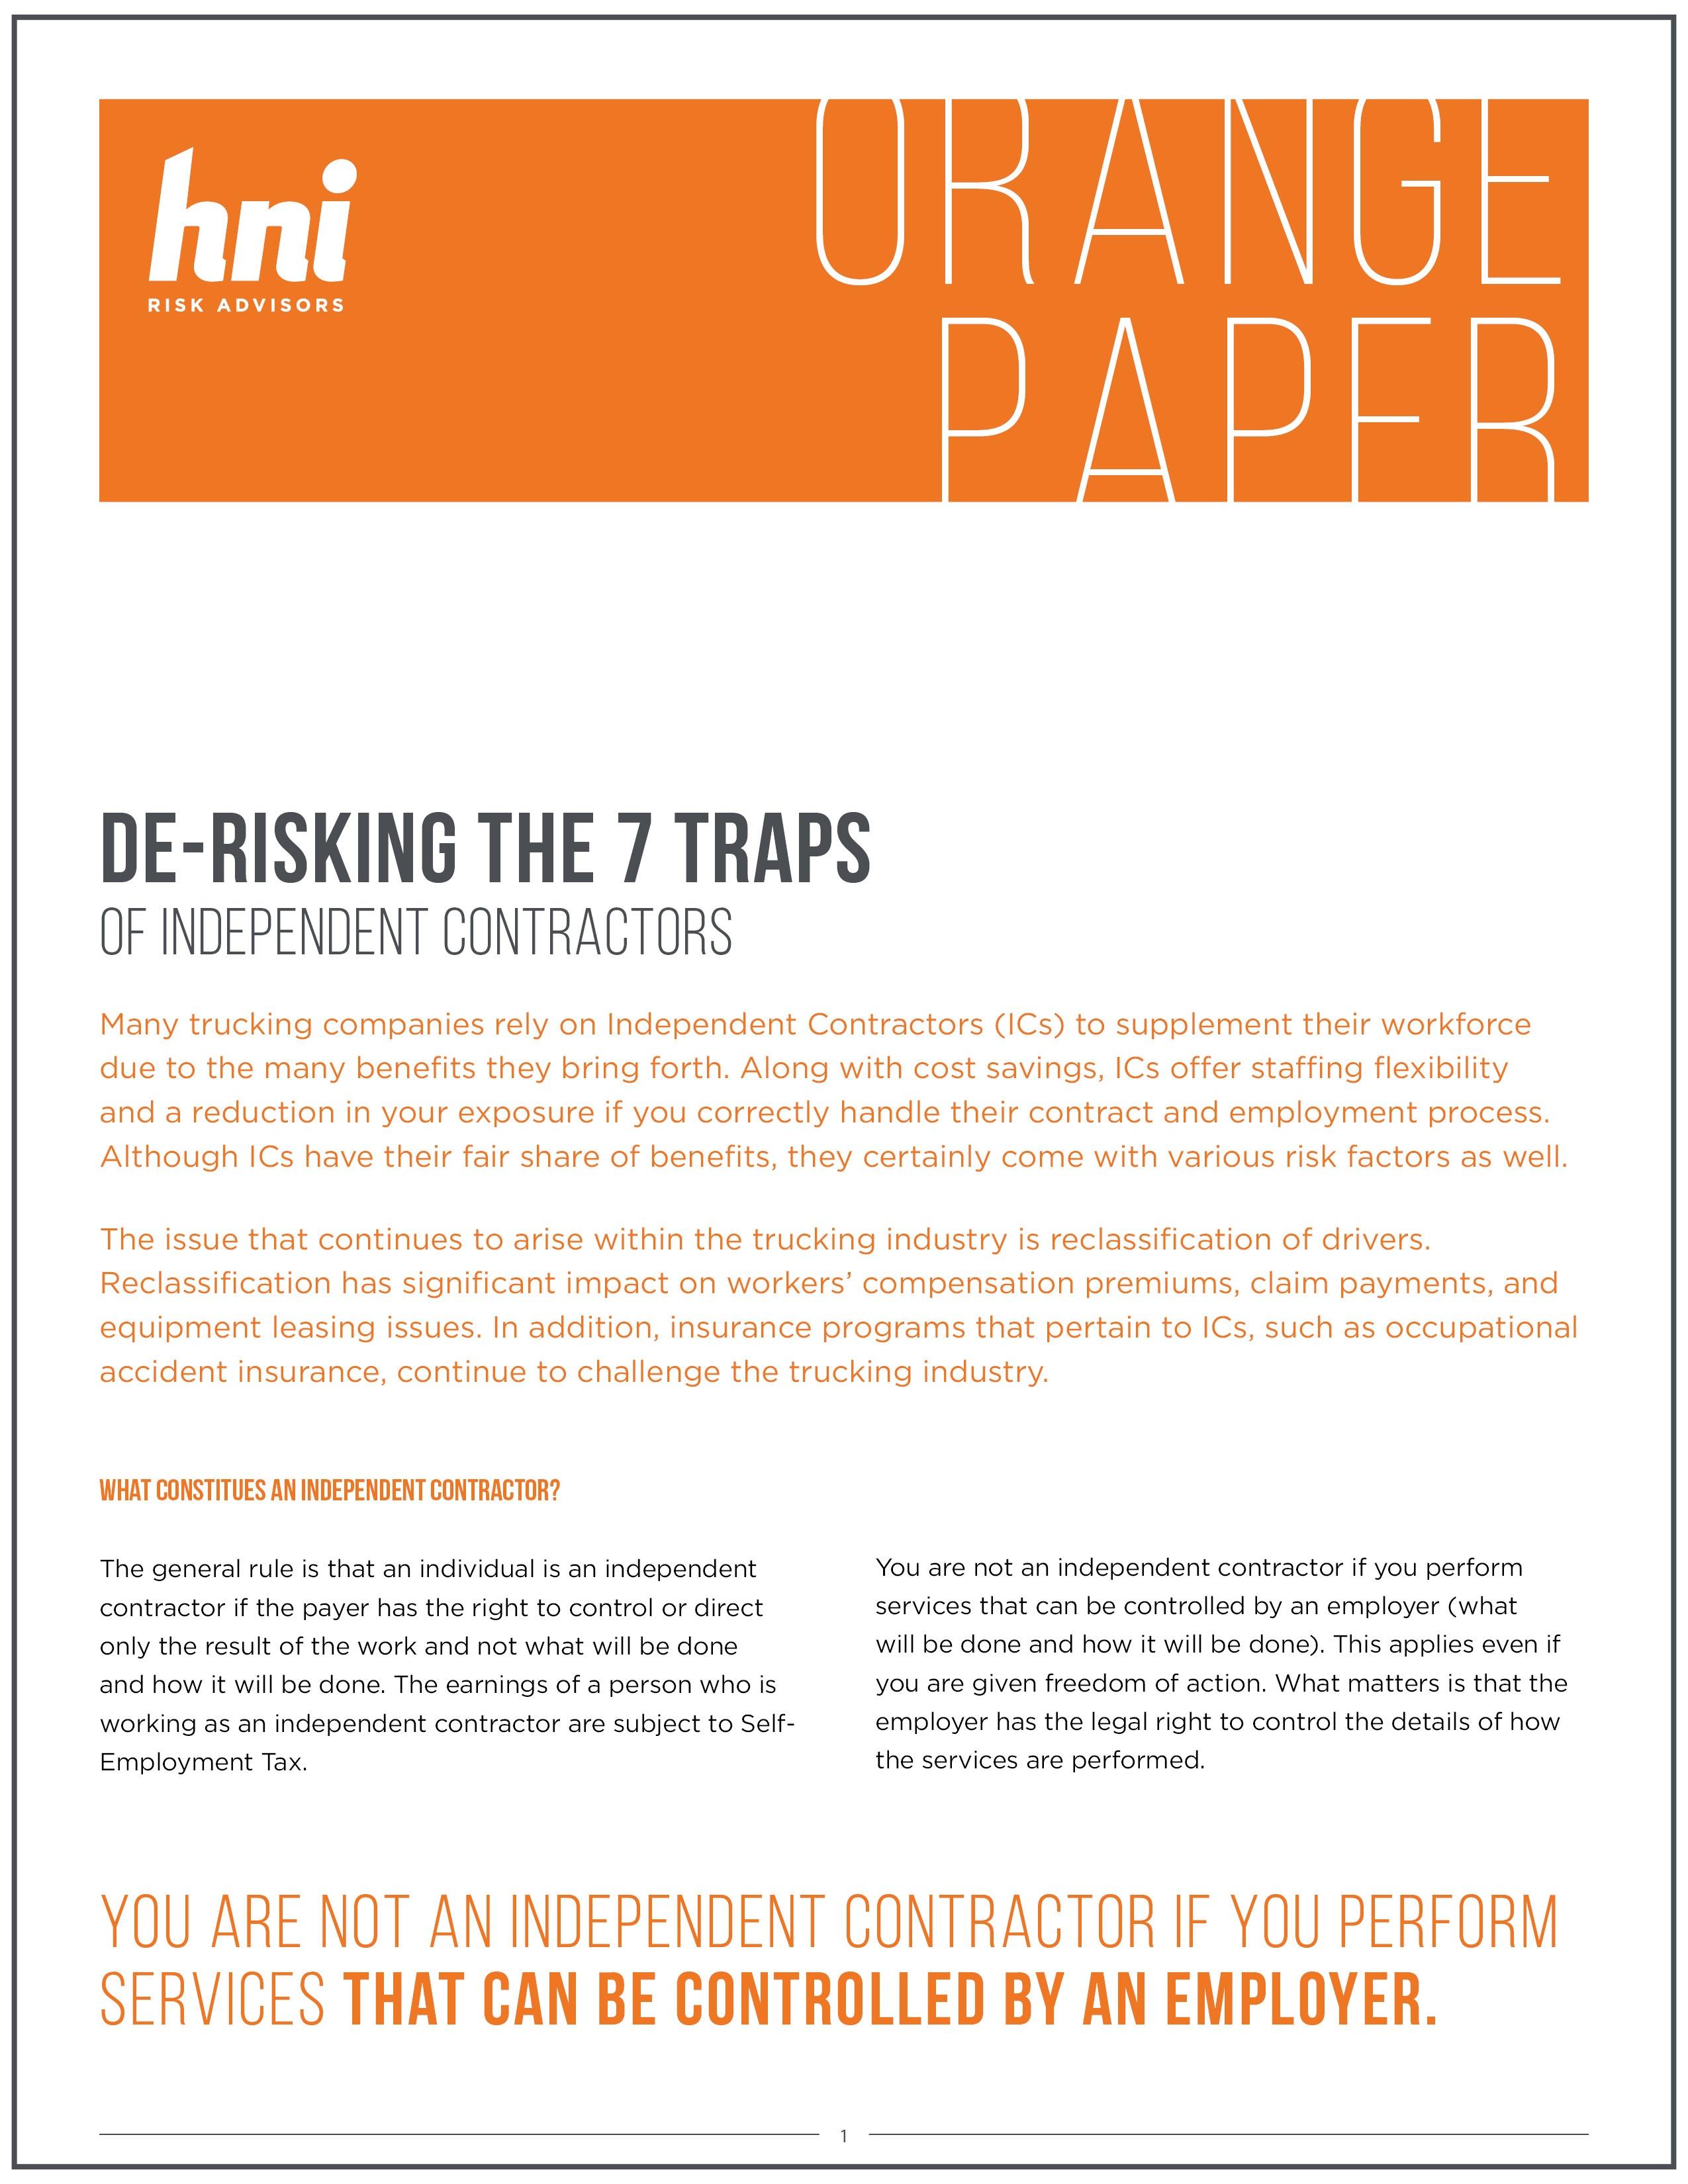 HNI_Orange Paper_7 Wicked Problems_Independent Contractors.jpg